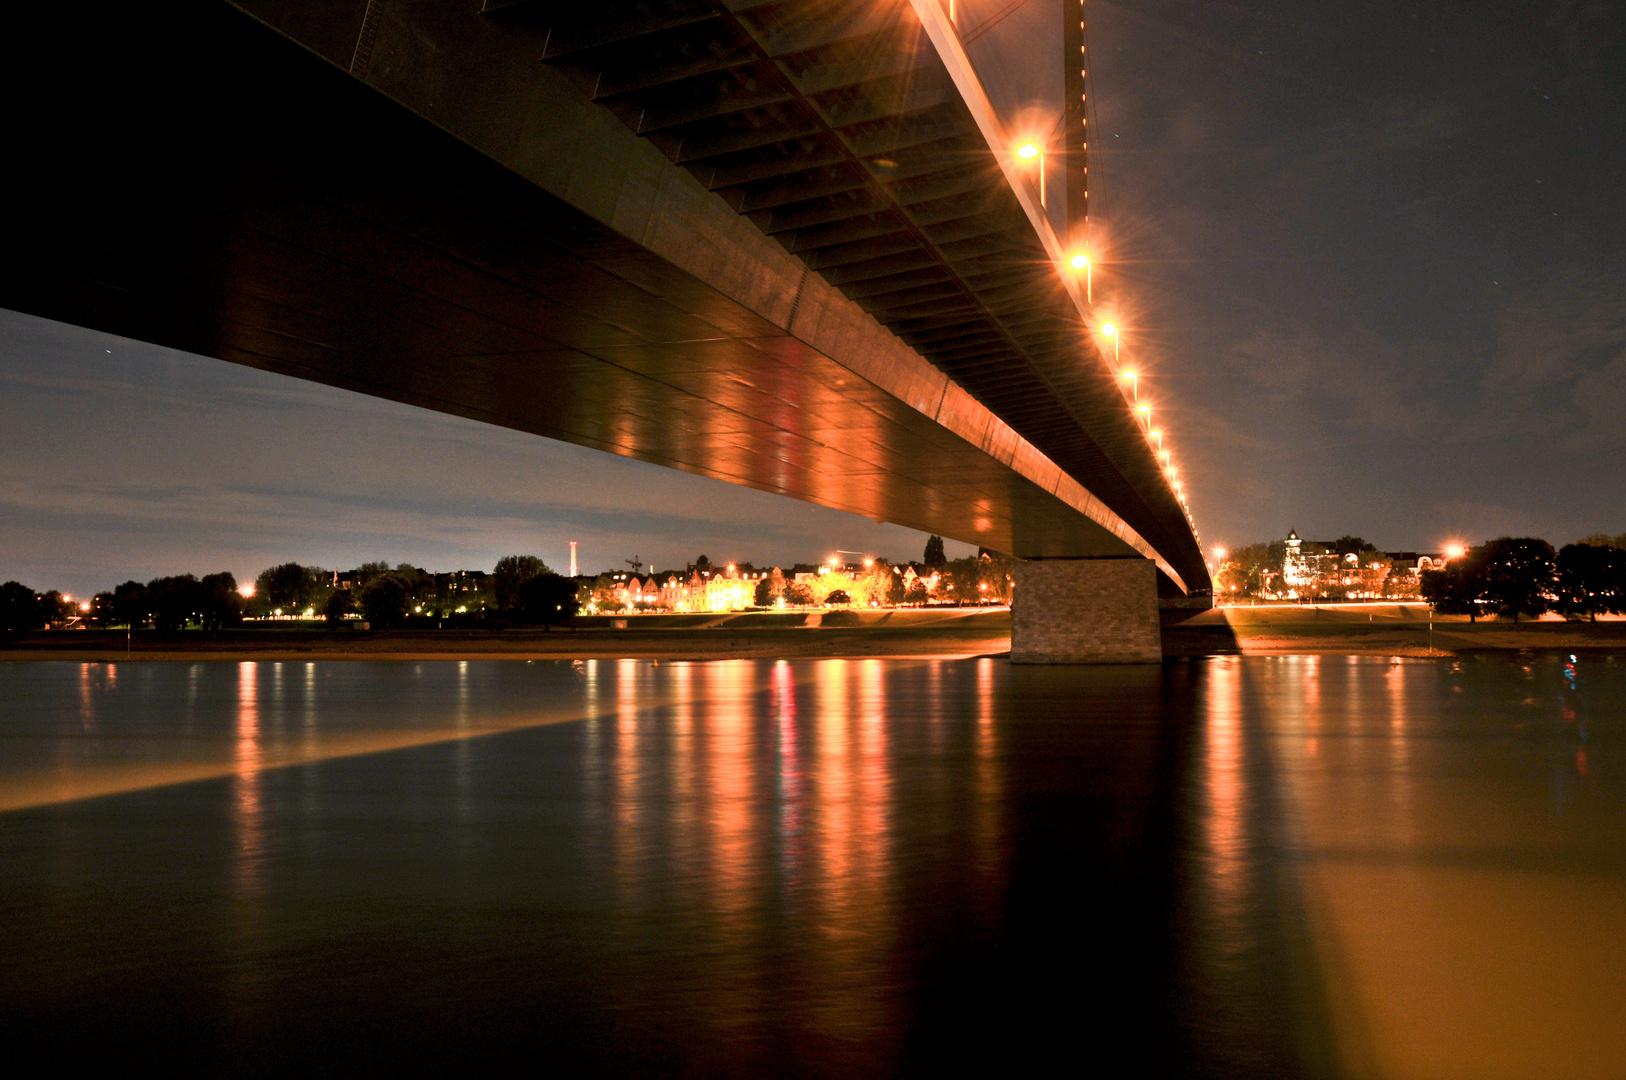 Oberkasseler Brücke, Düsseldorf